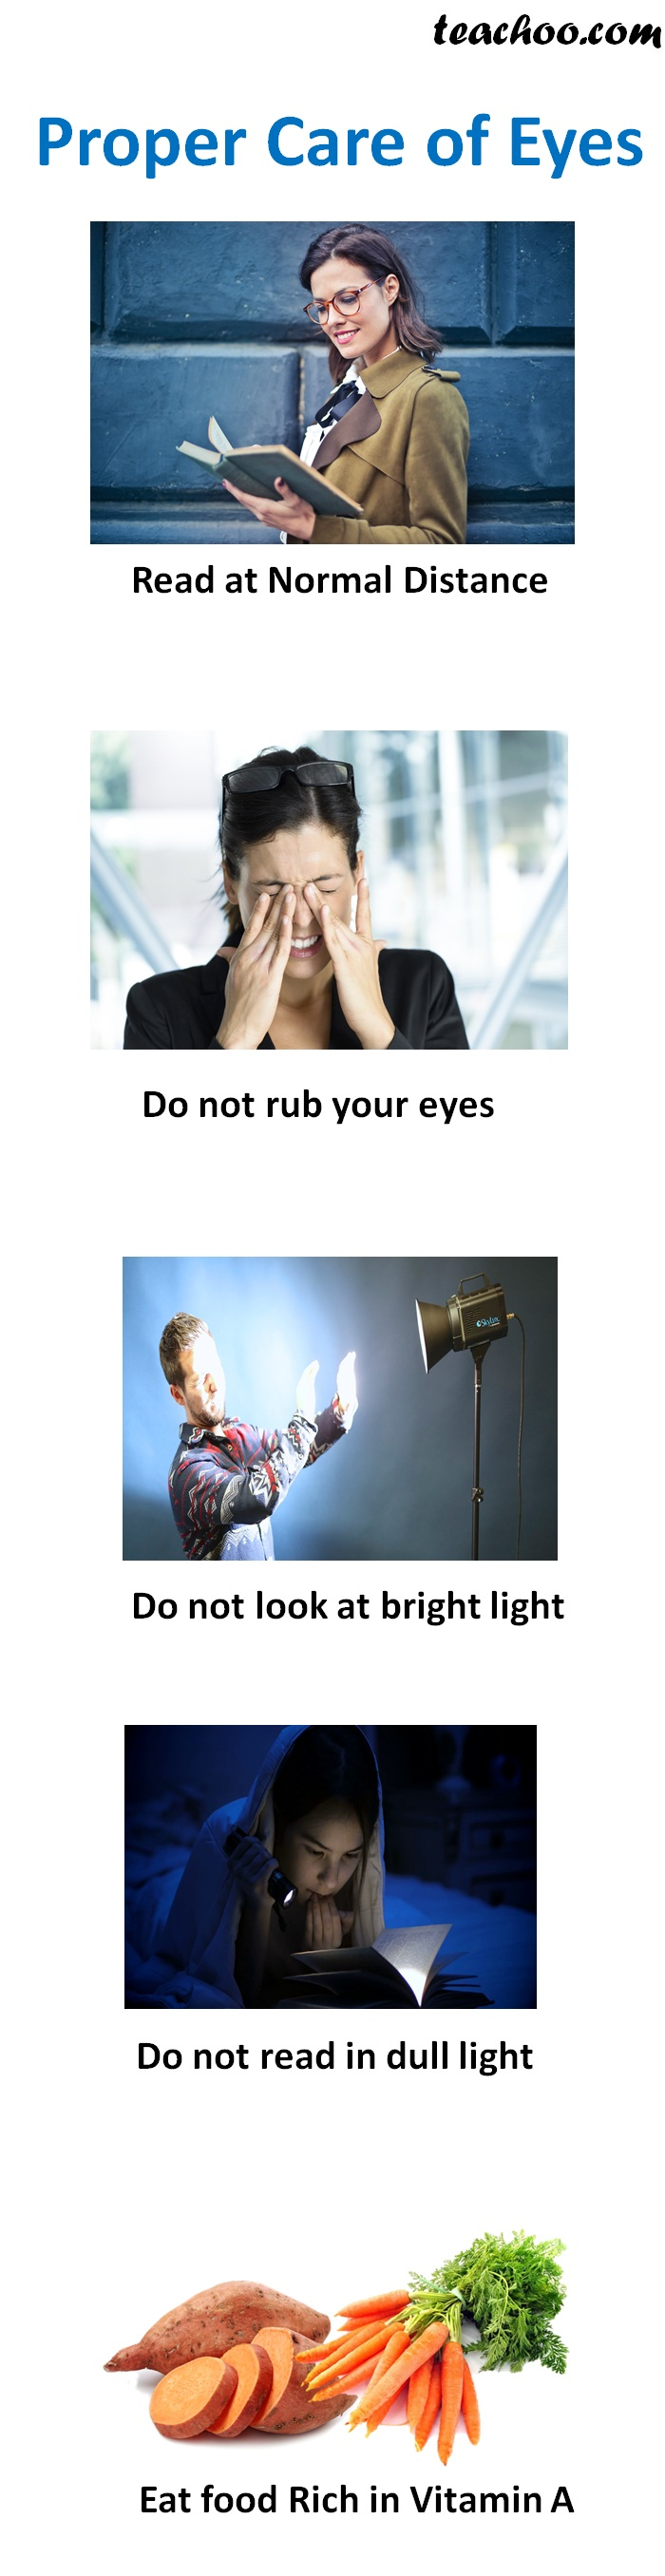 proper care of eyes.jpg